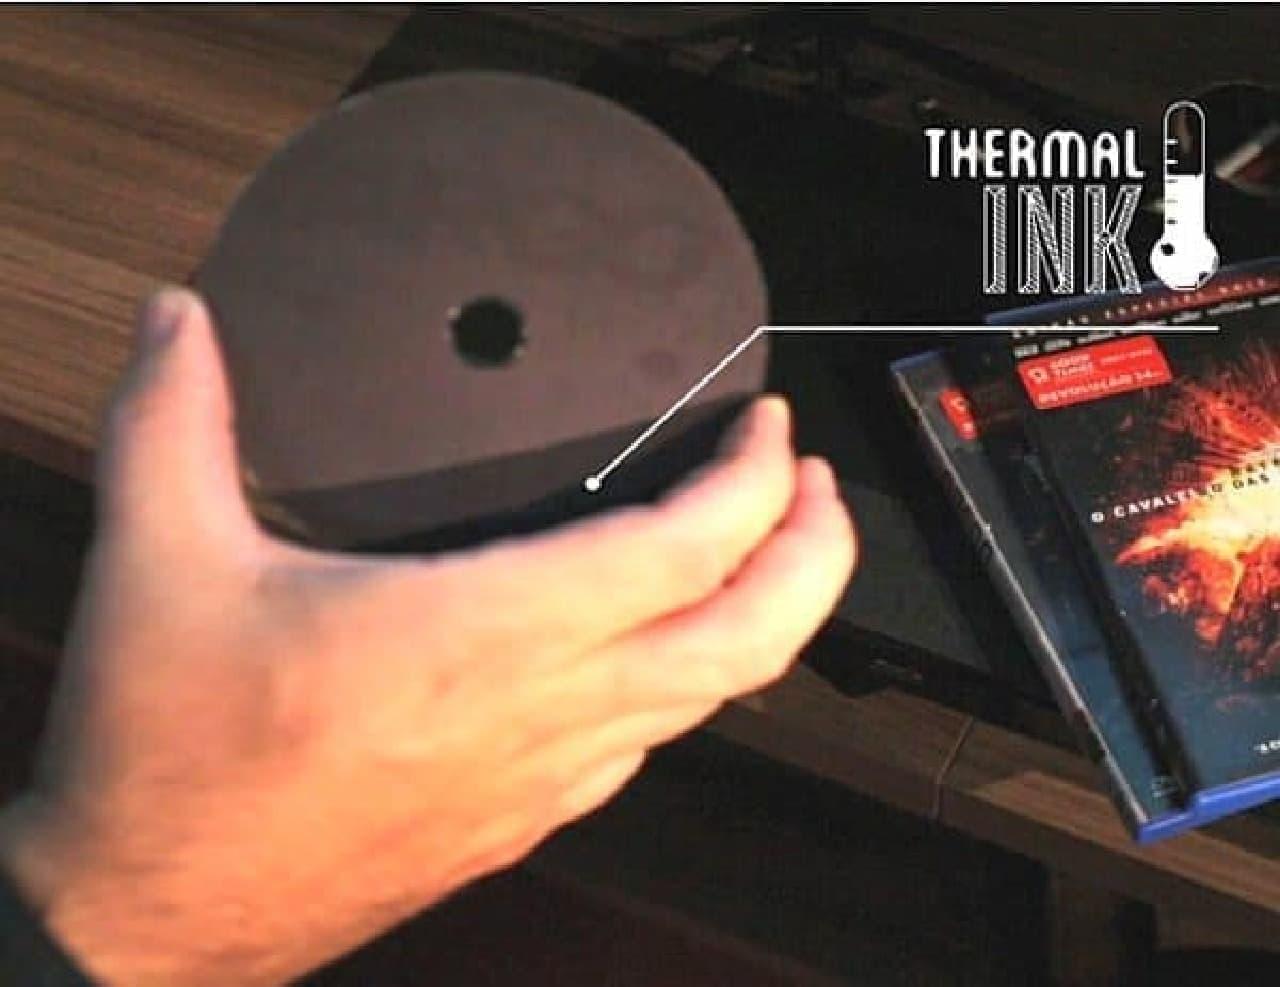 レンタル DVD のディスクを取り出し